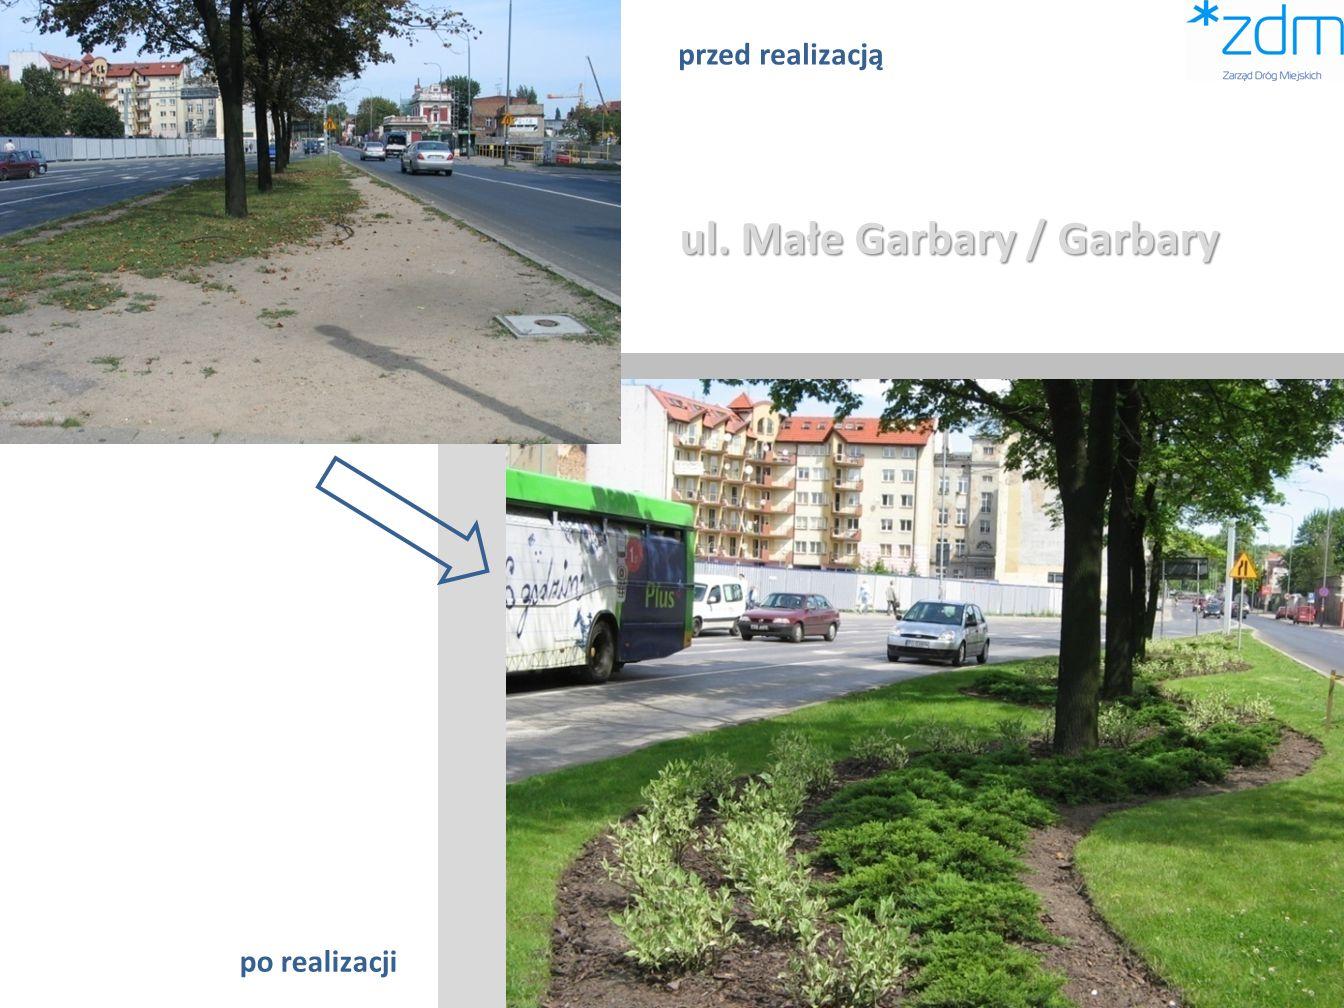 ul. Małe Garbary / Garbary przed realizacją po realizacji